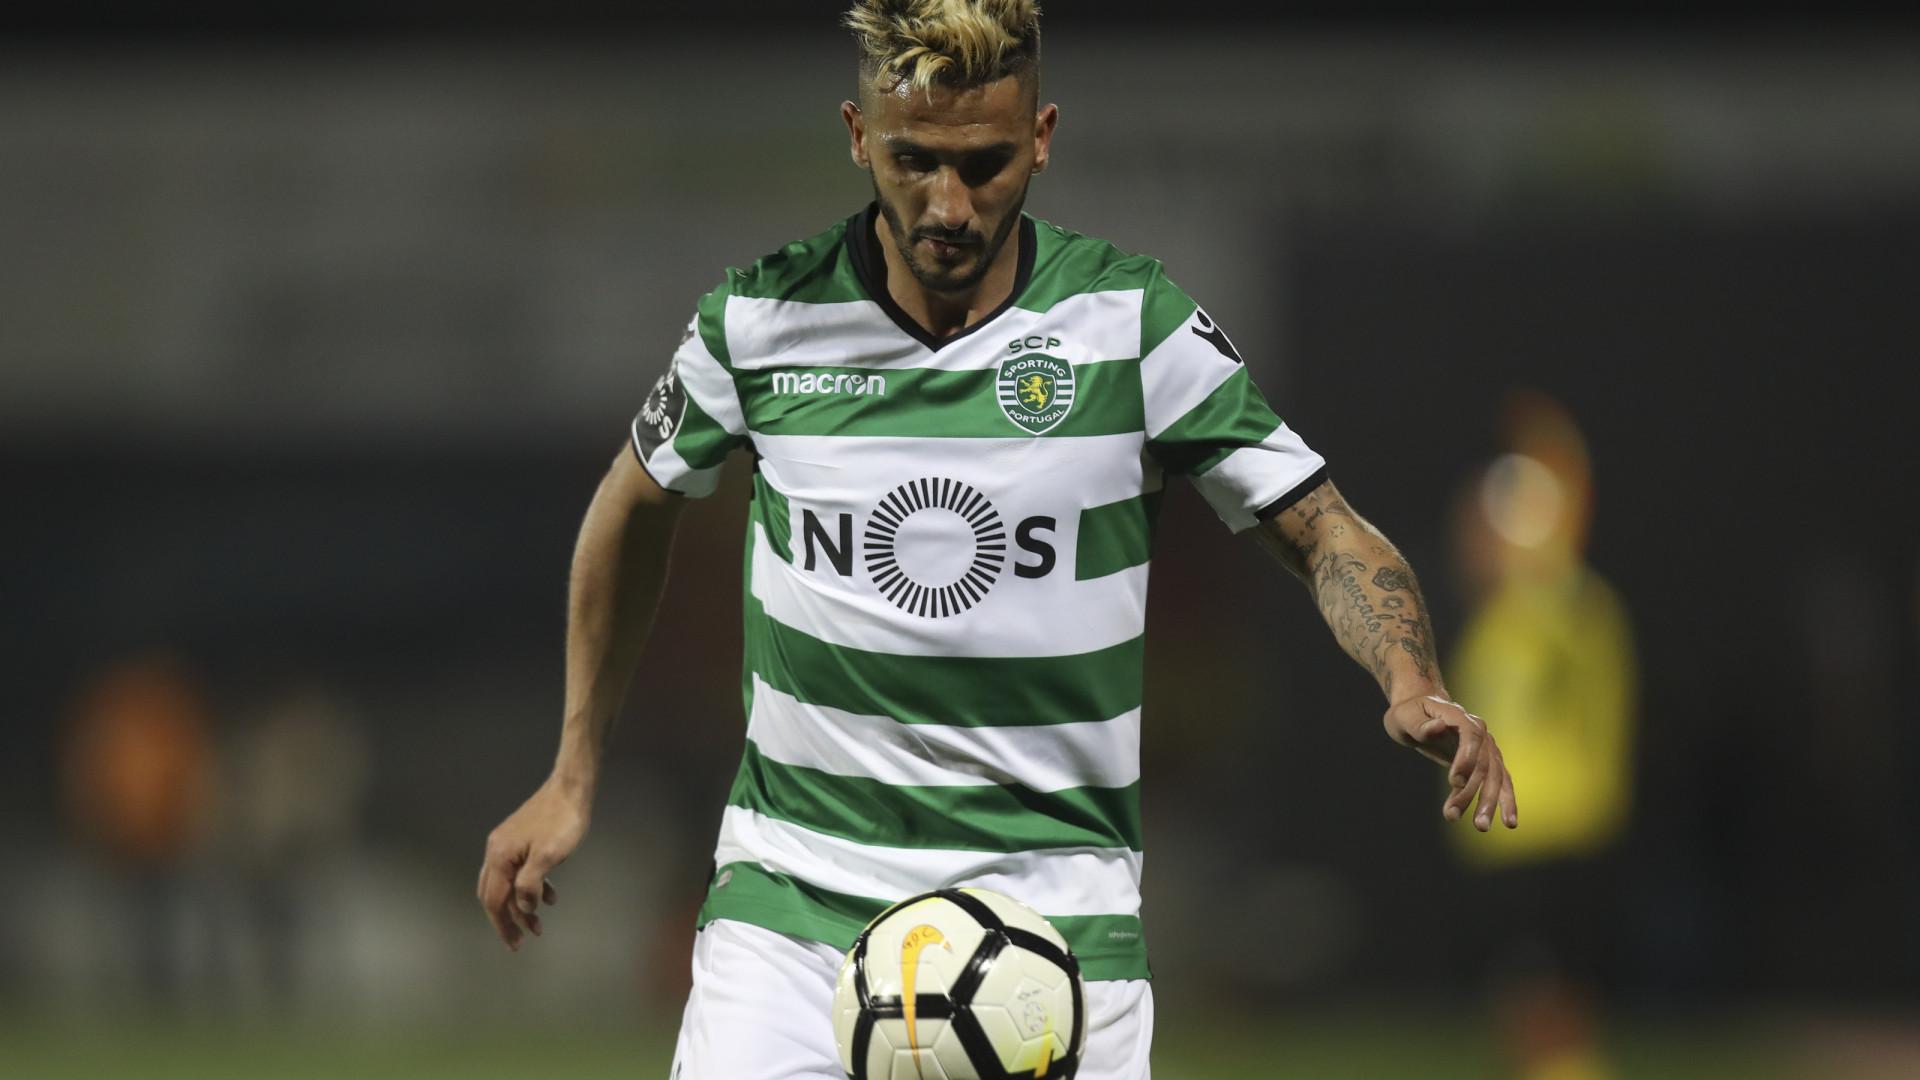 Rúben Ribeiro também avança com pedido de rescisão